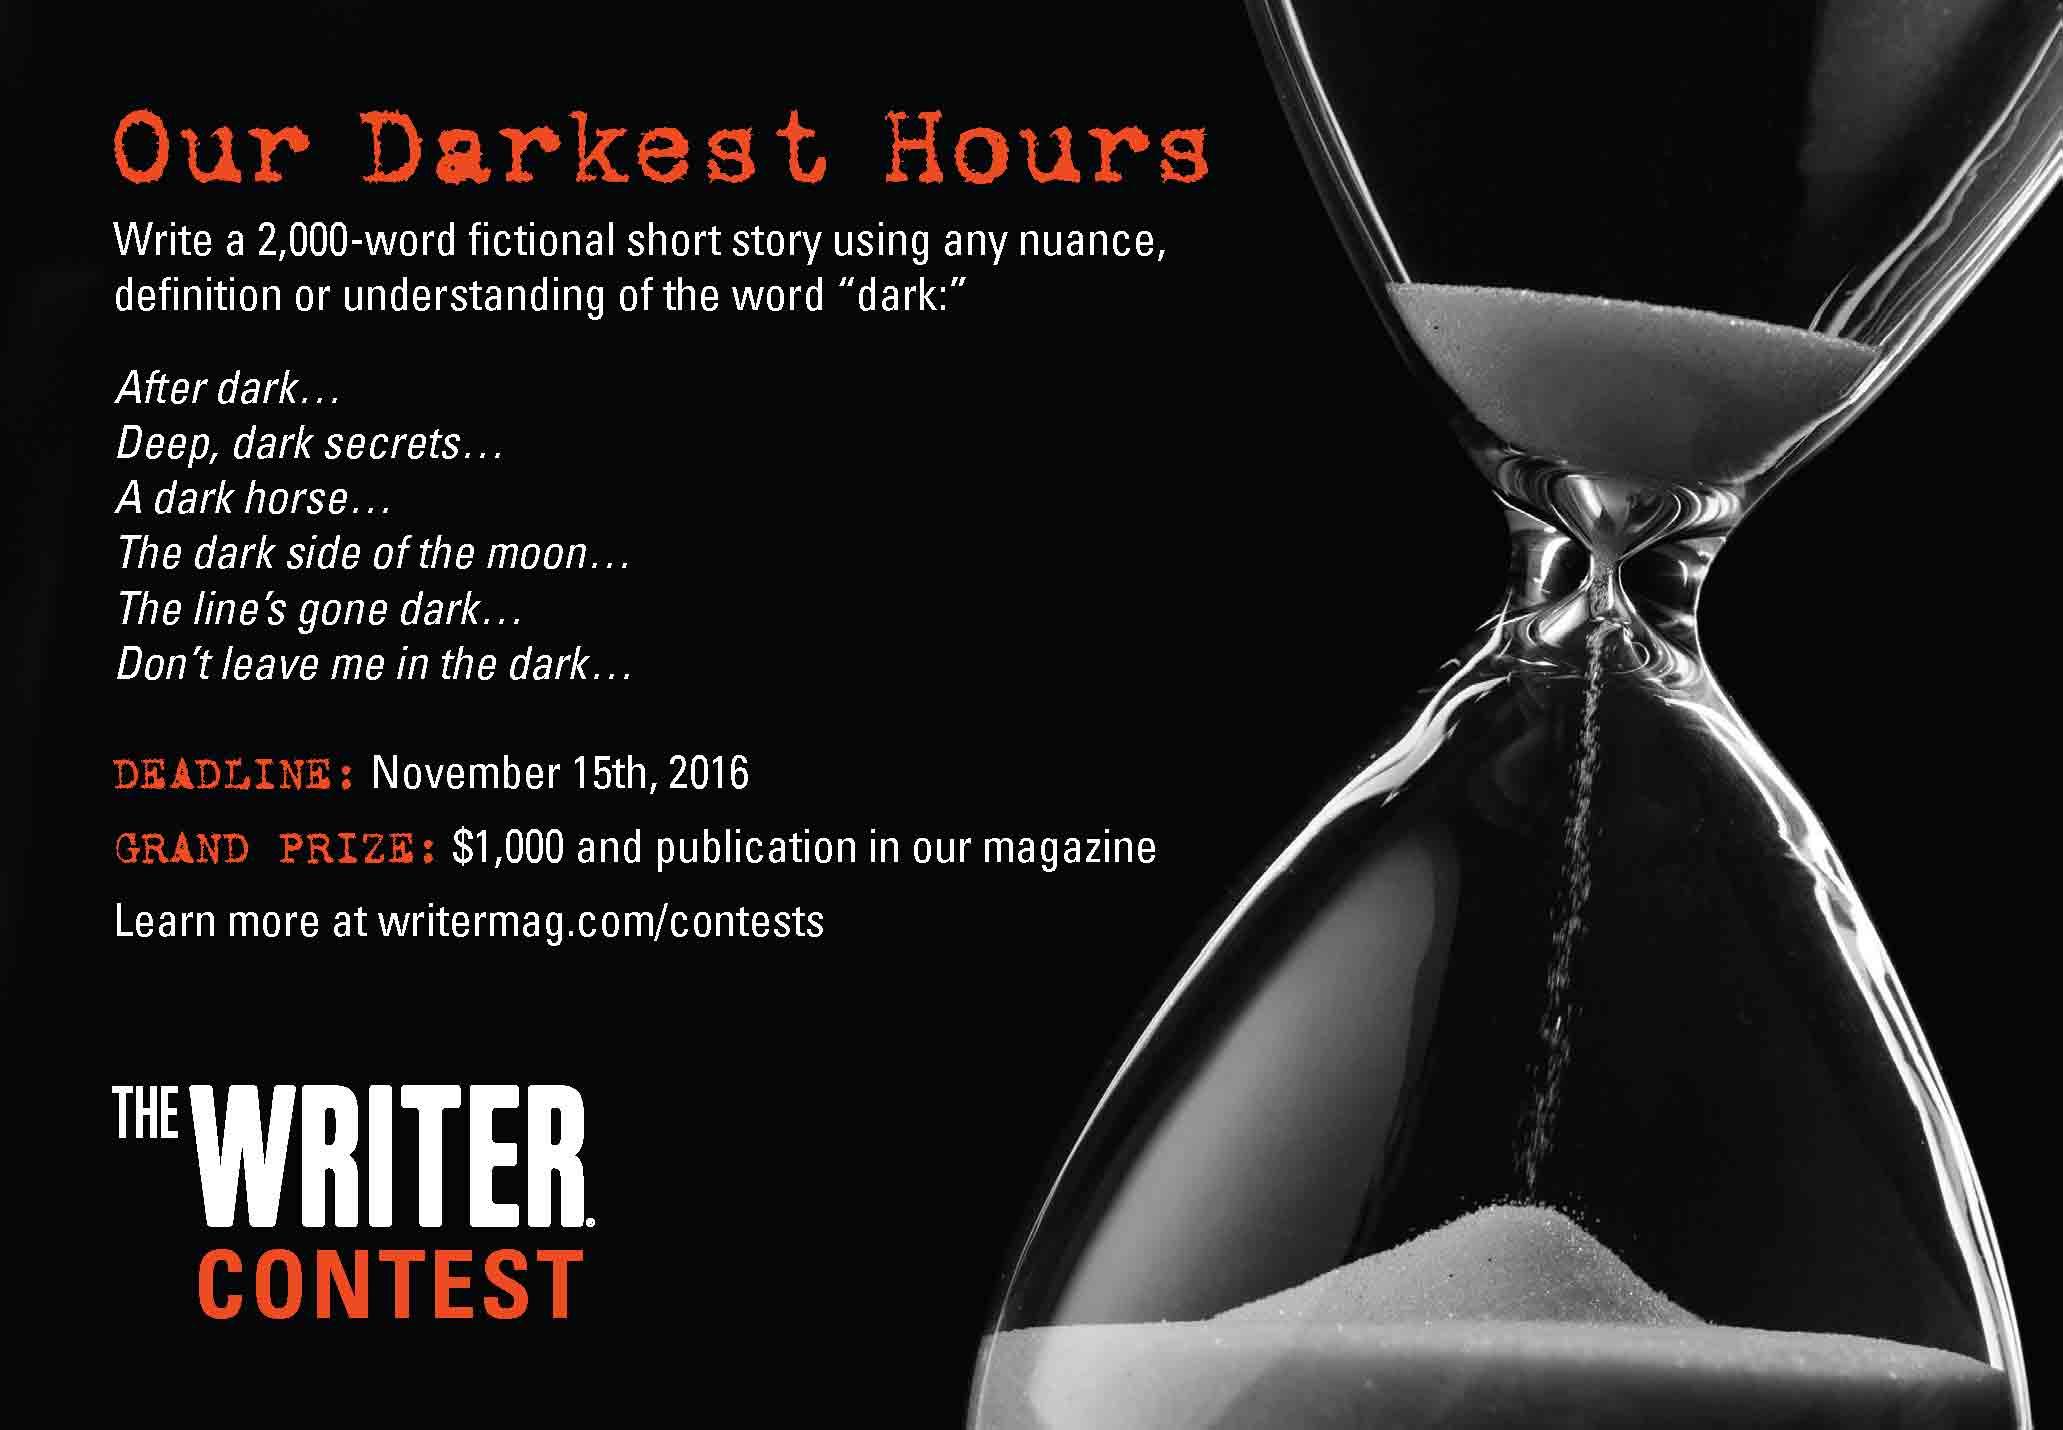 Our Darkest Hours